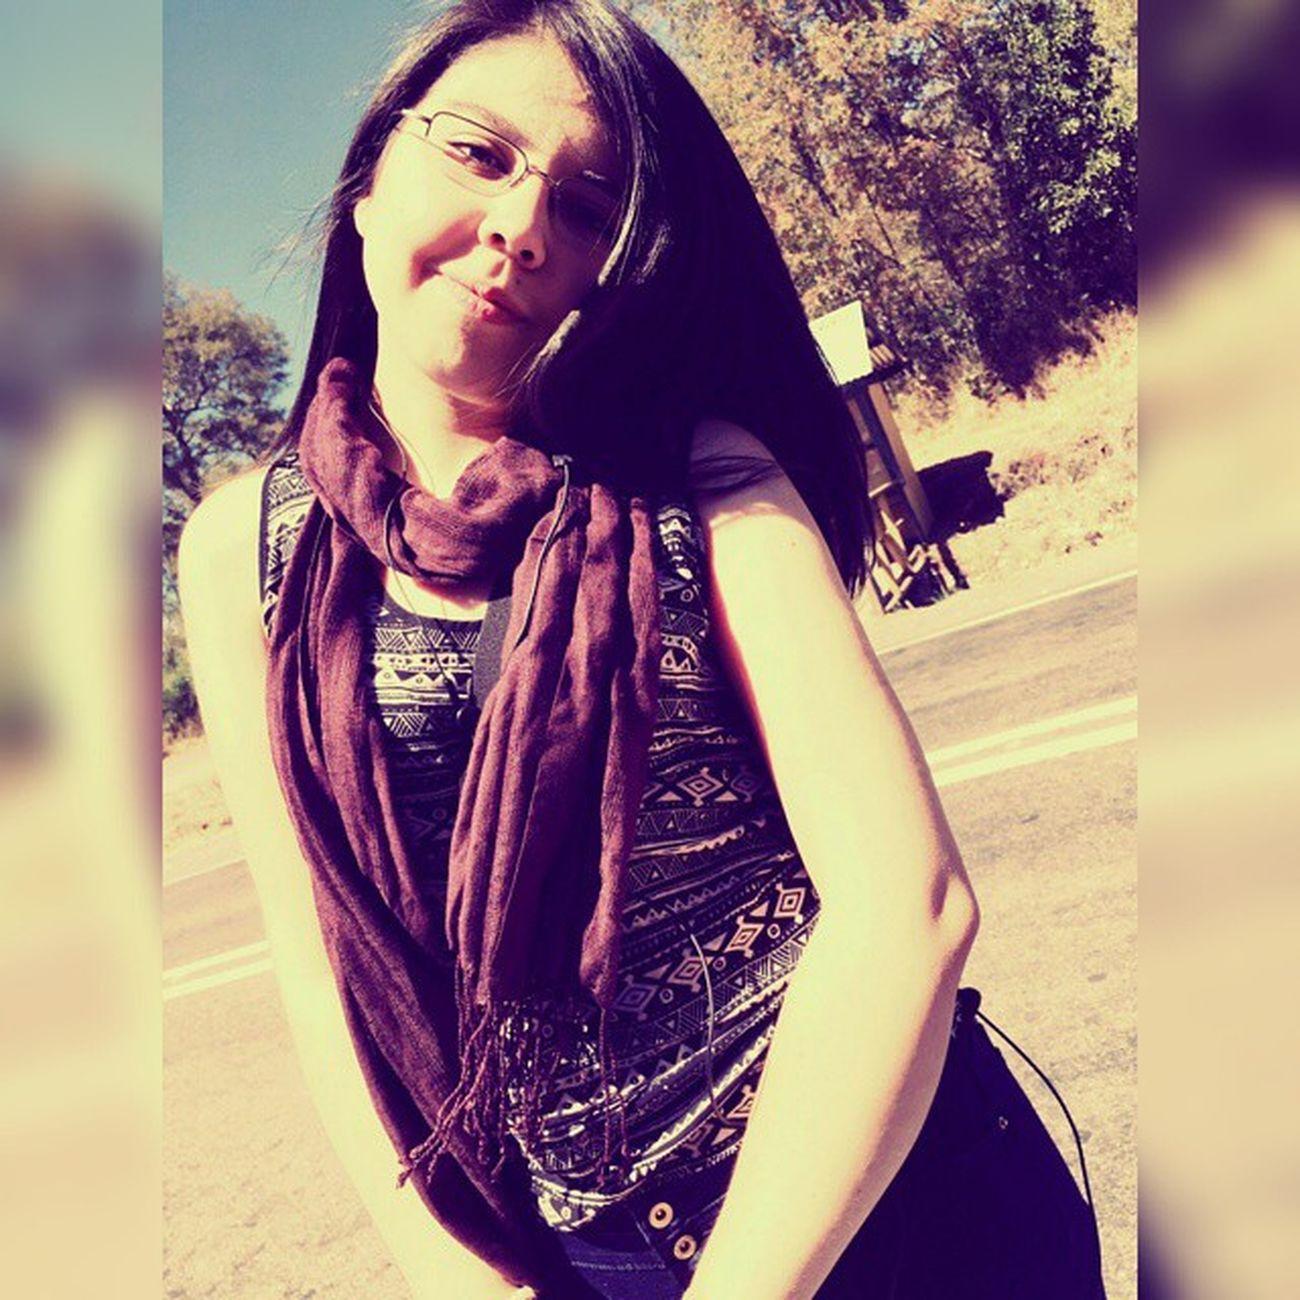 No quiero entrar 😭😭 Quierovacaciones Febreronotevayas Noquierou Girl chile campo viaje sun Ph: la mejor 😘@karla_kroy.06